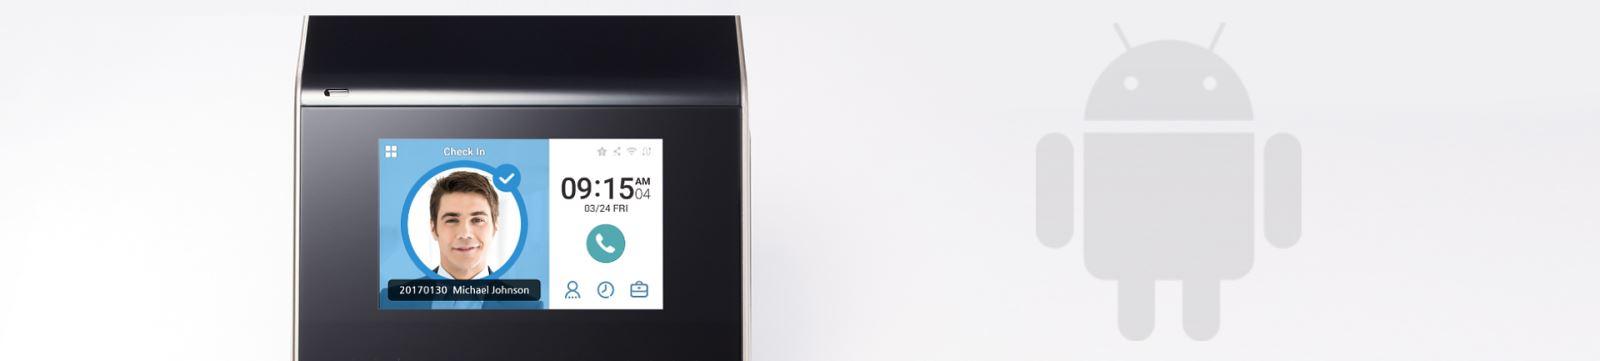 Máy chấm công nhận diện khuôn mặt FaceStation 2 - FS2D